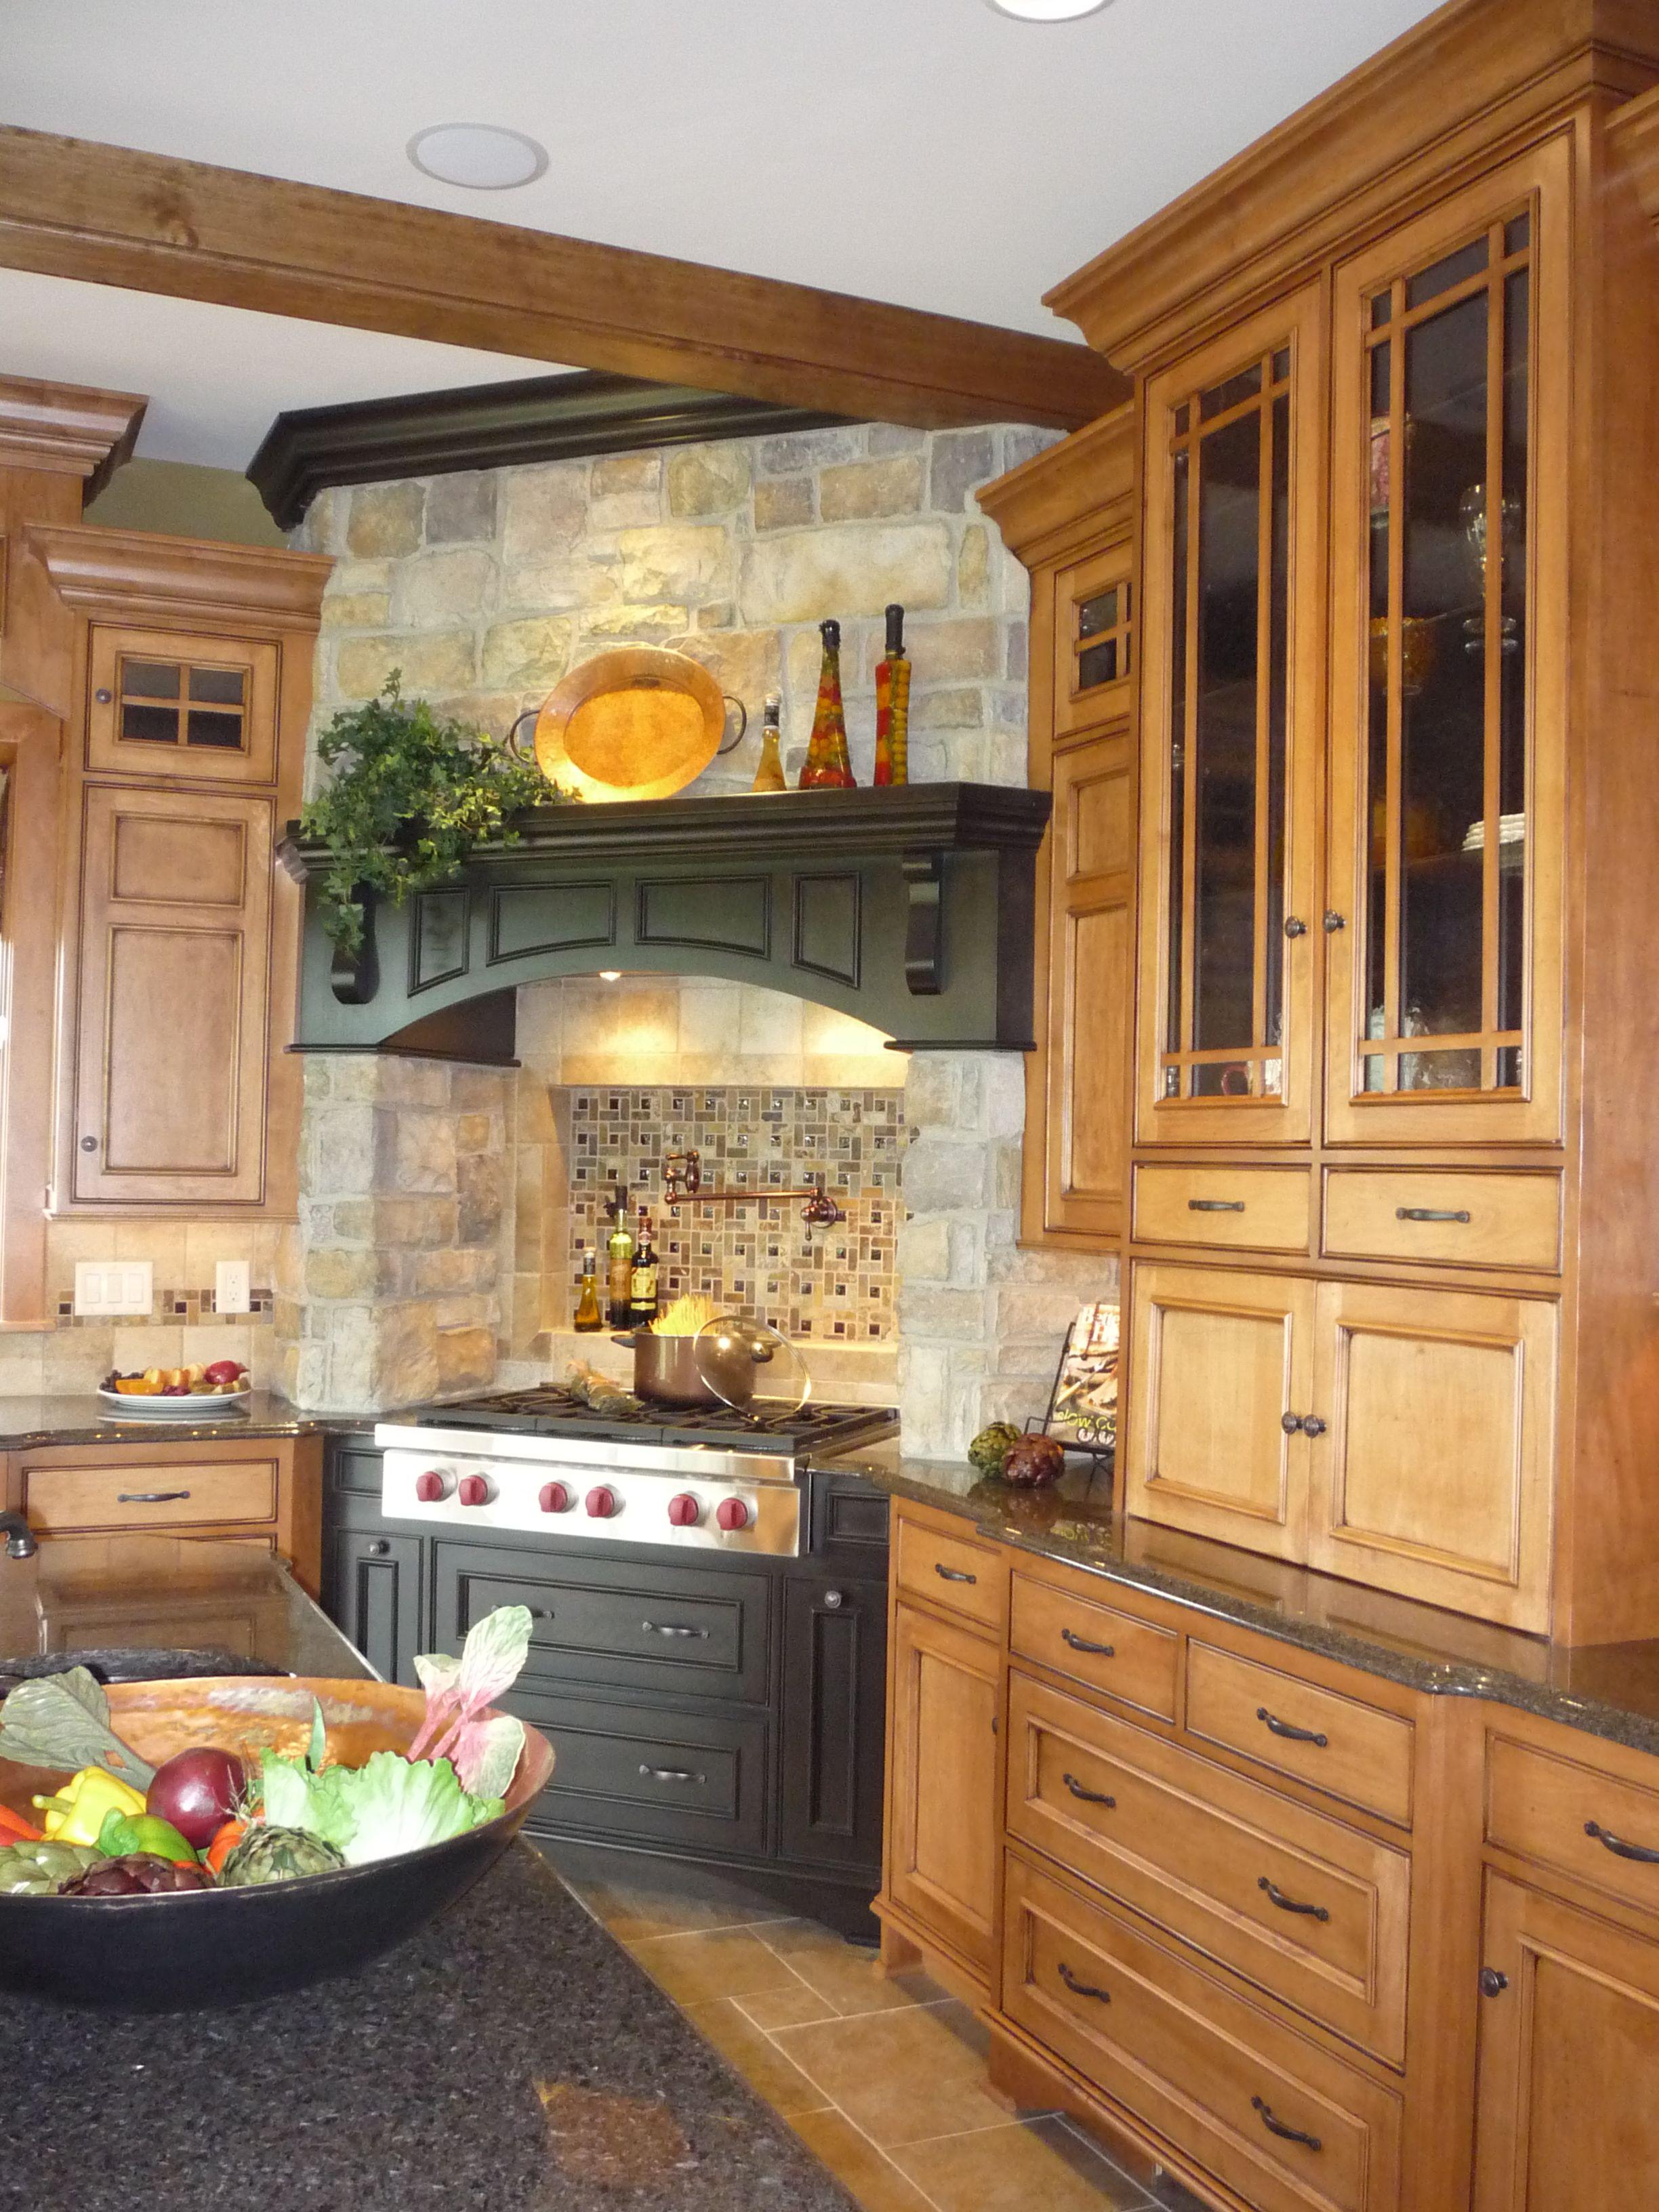 Stone, black painted wood, warm wood tones on